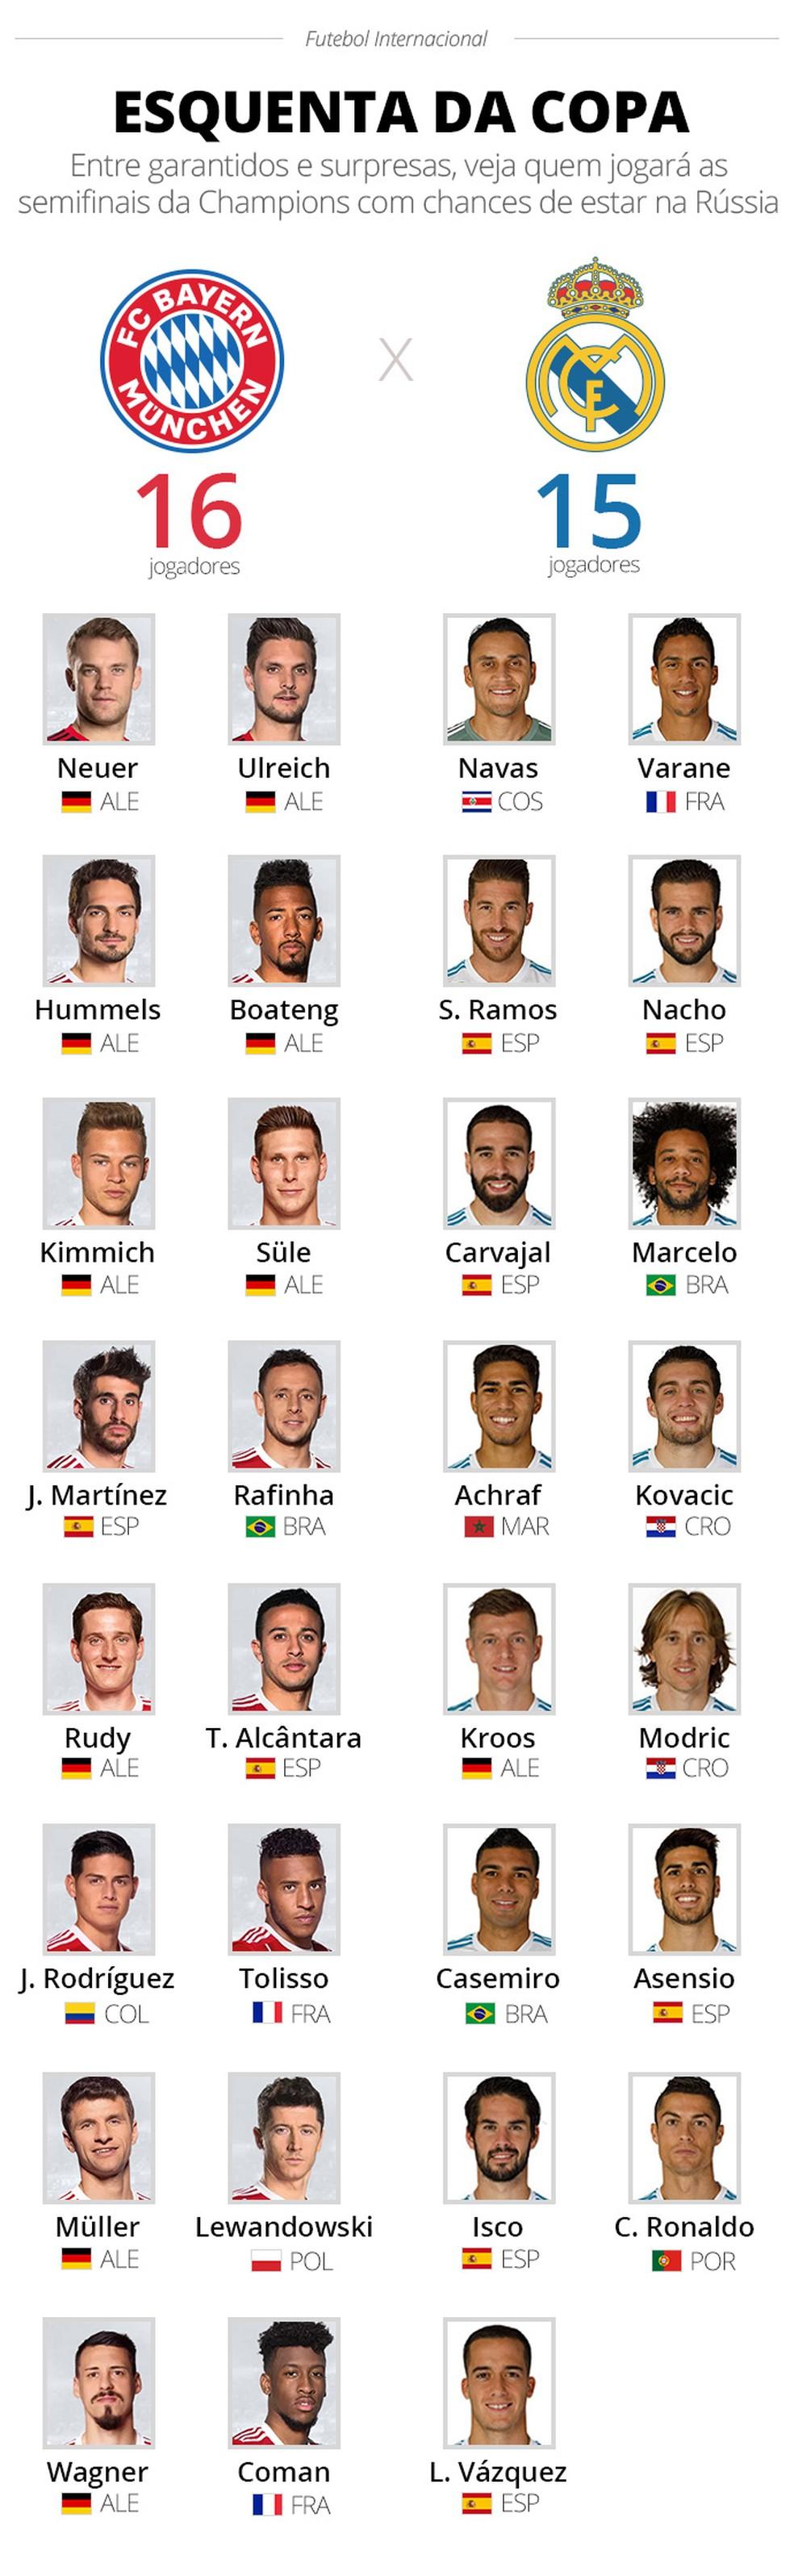 Bayern e Real têm 31 jogadores com chances de jogar a Copa do Mundo (Foto: Infoesporte)